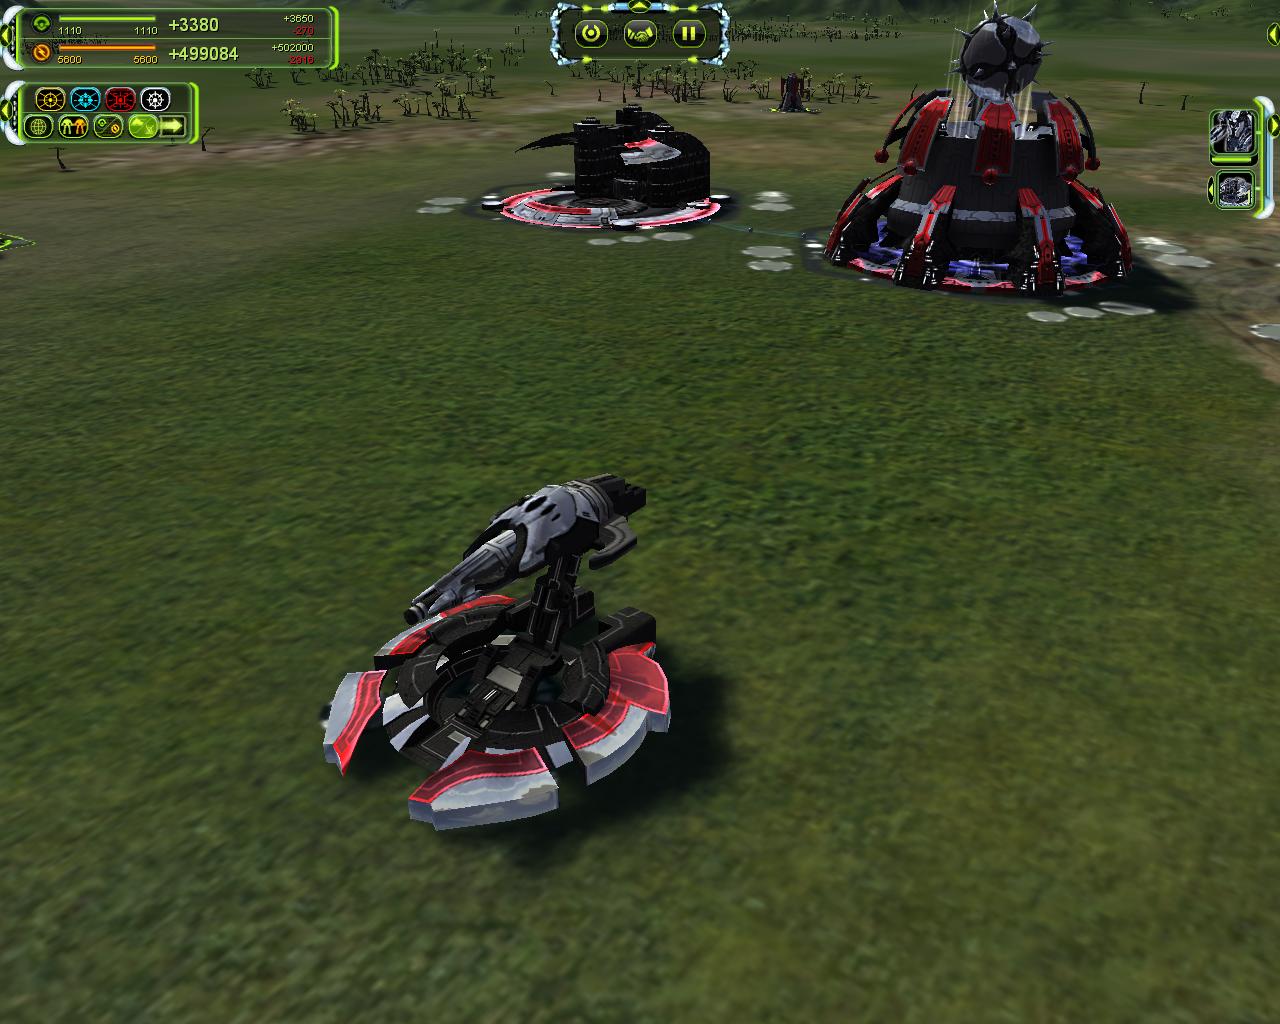 https://supreme-commander.ru/upload/oblivion.jpg